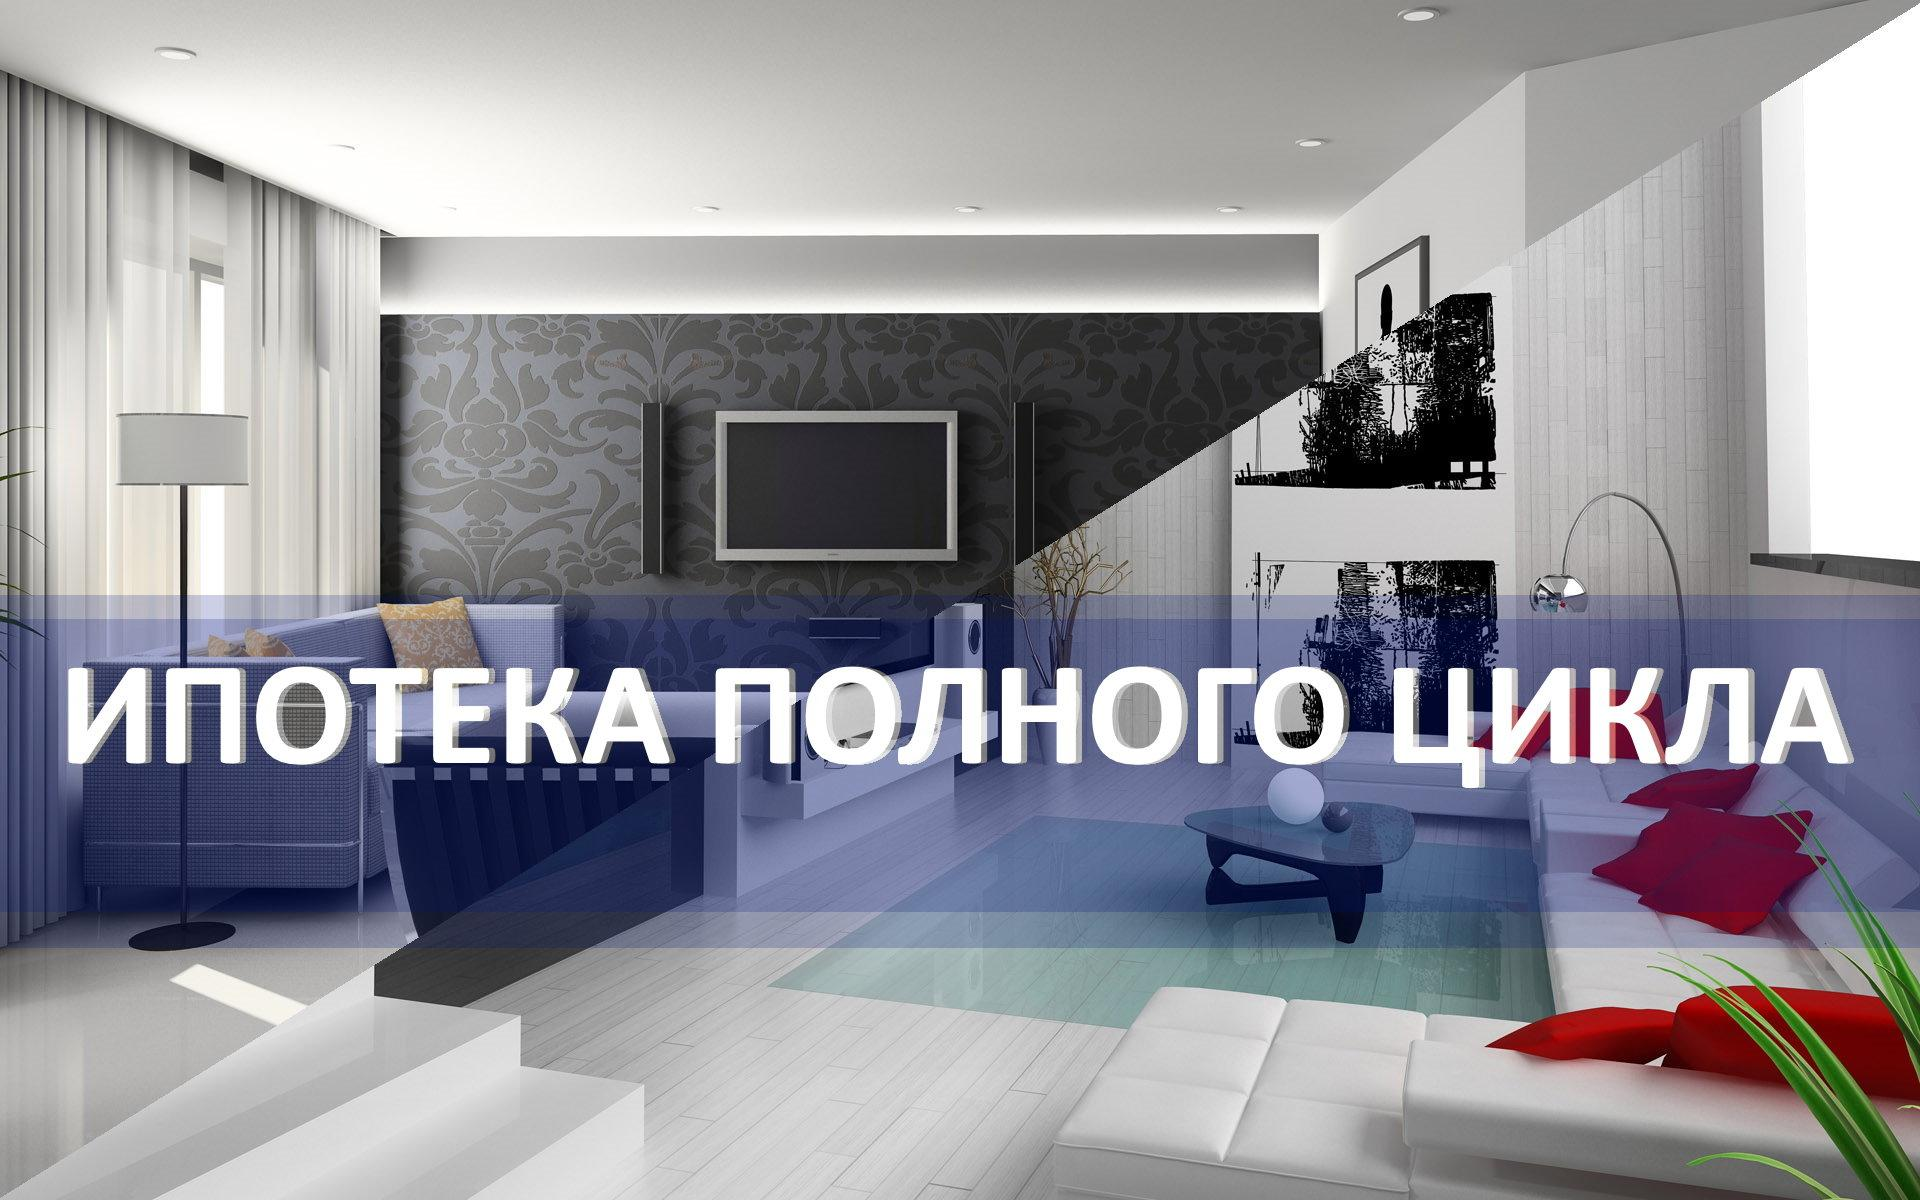 Купить квартиру в новостройке без первоначального взноса